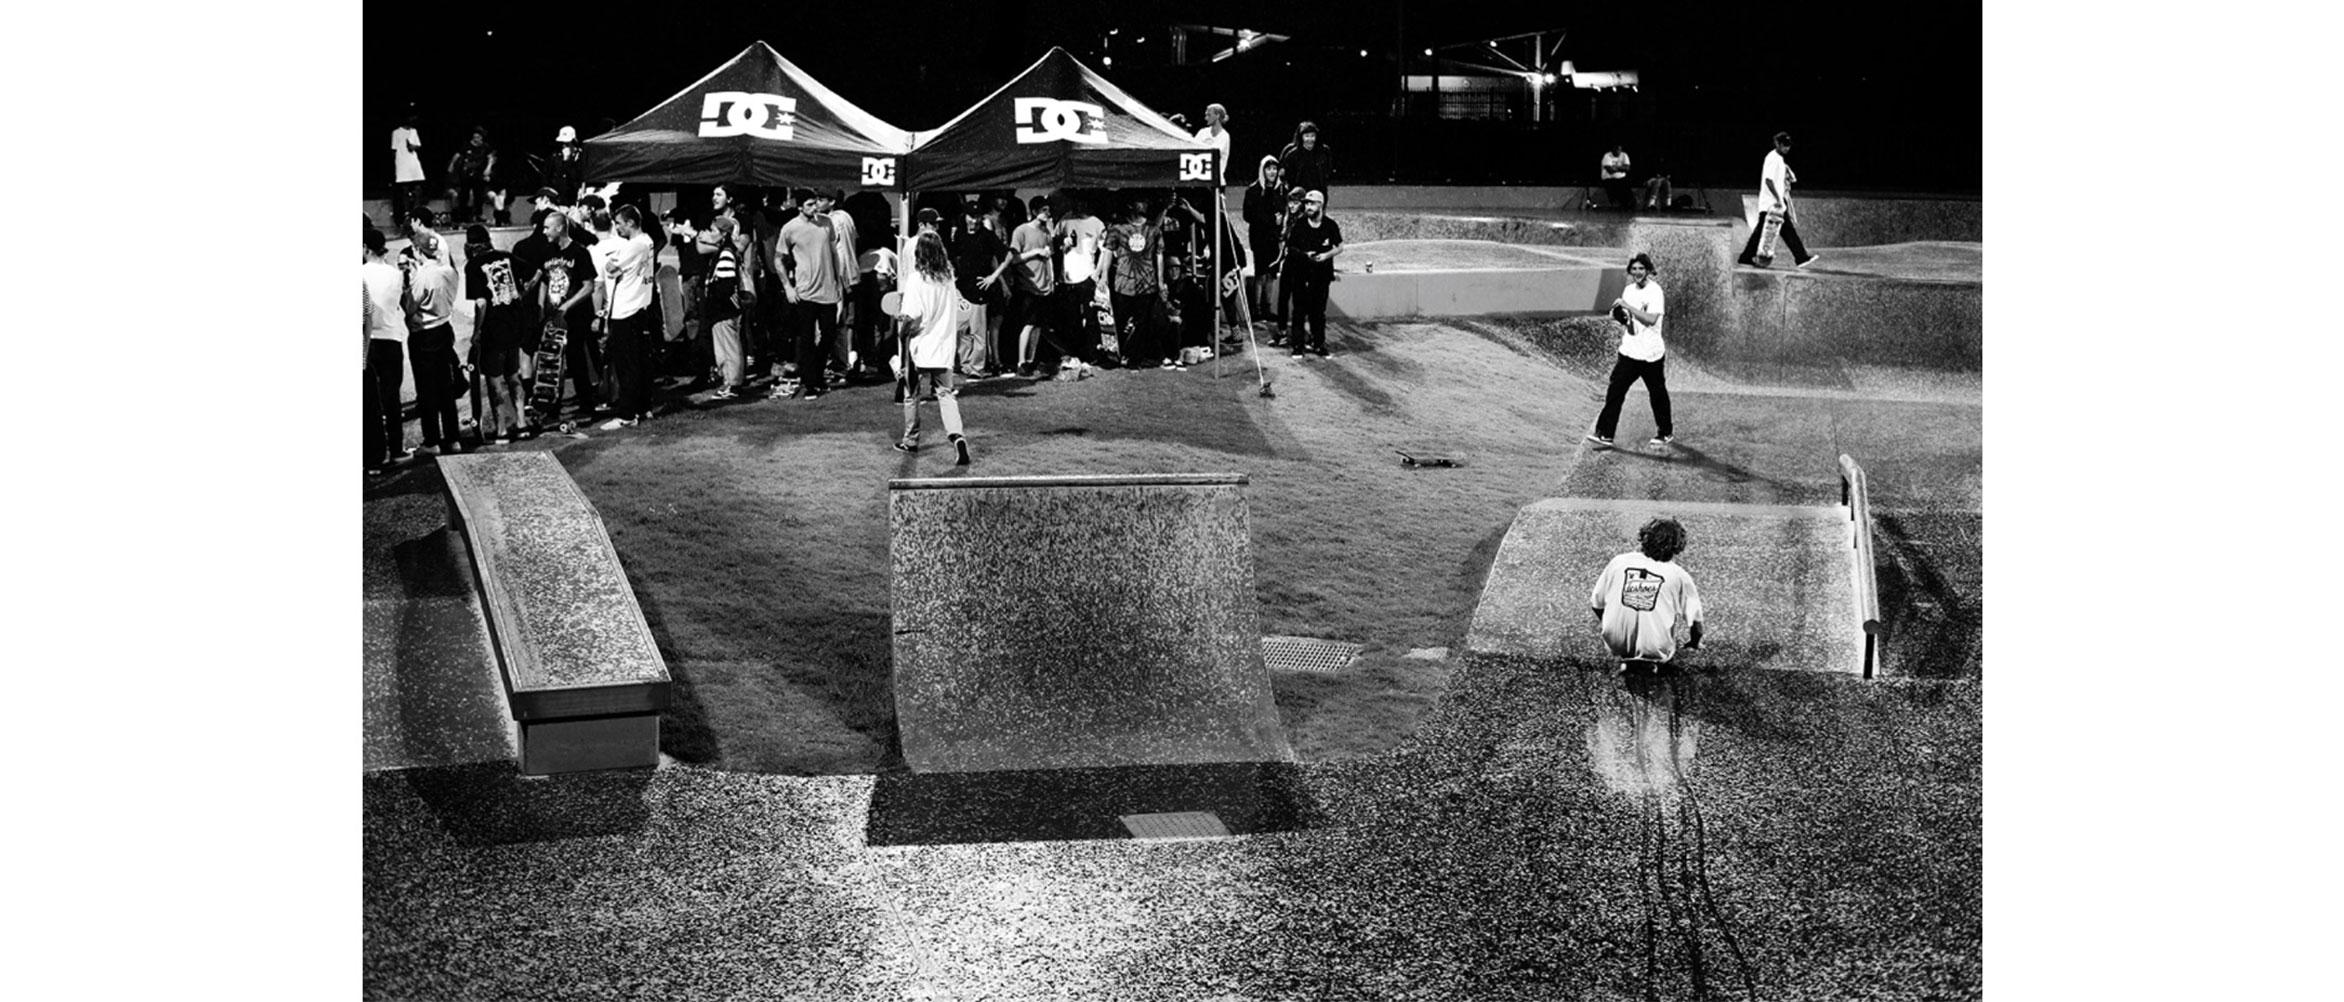 DC shoes demo Noble Park skate park